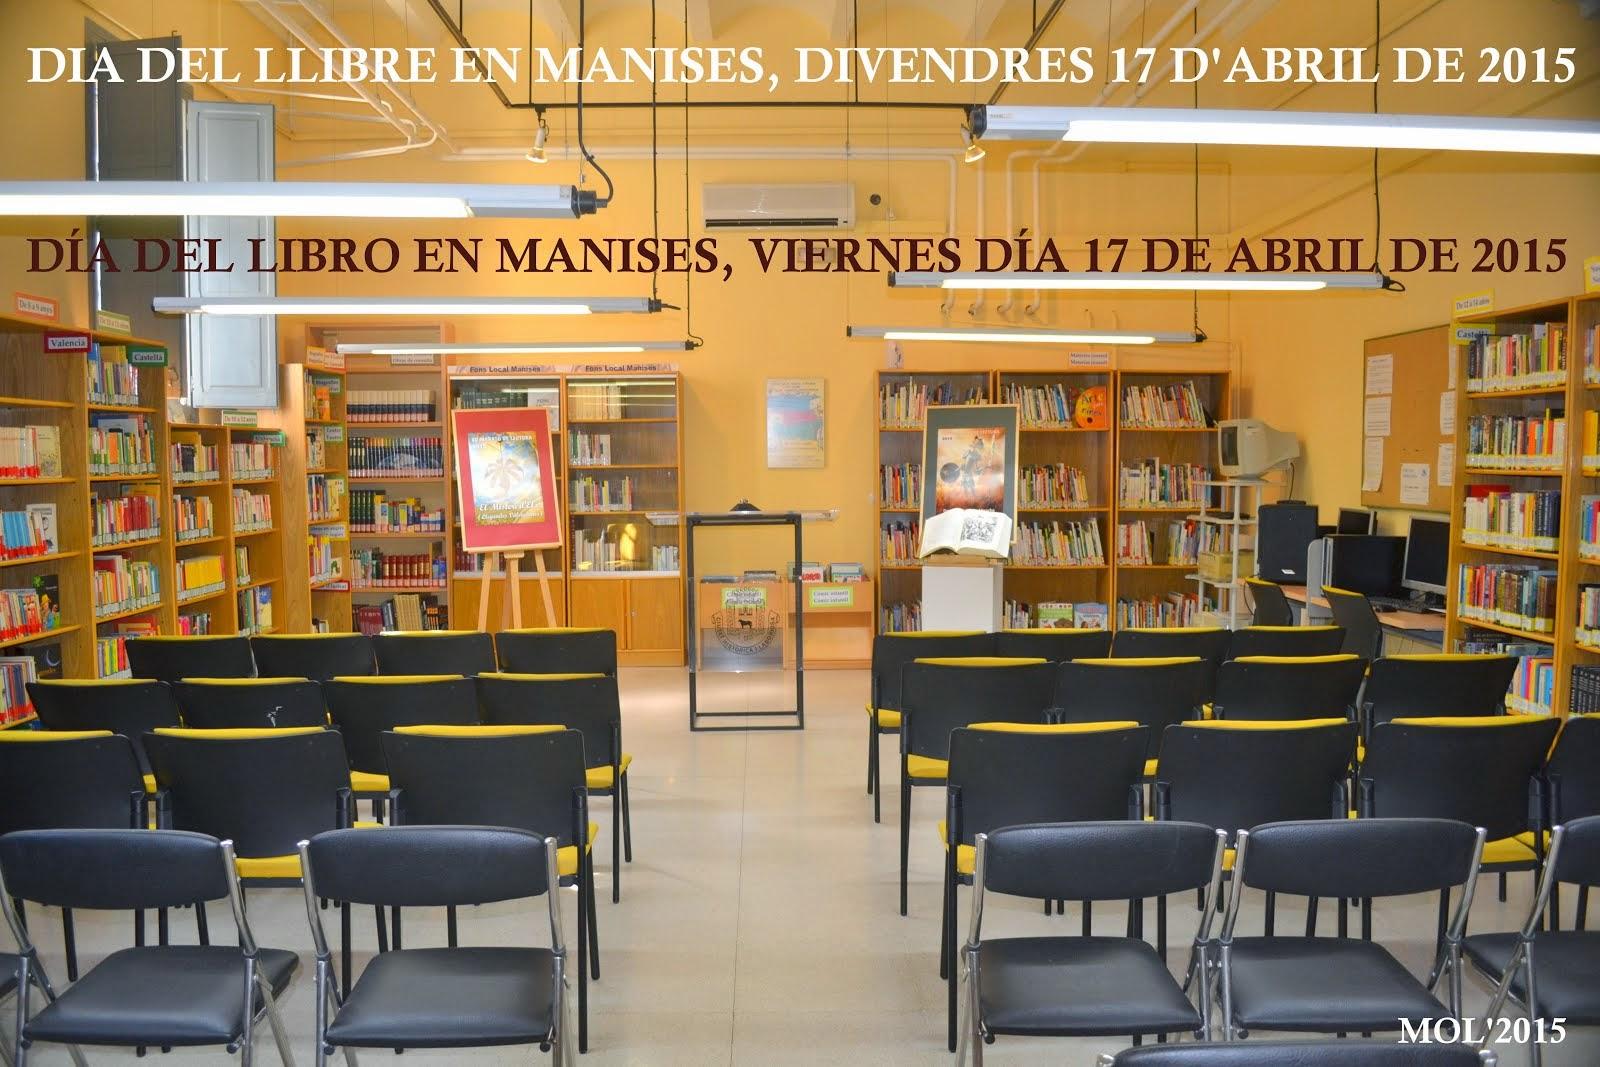 MARATÓN DE LECTURA EN CONMEMORACIÓN DEL DÍA DEL LIBRO EN MANISES